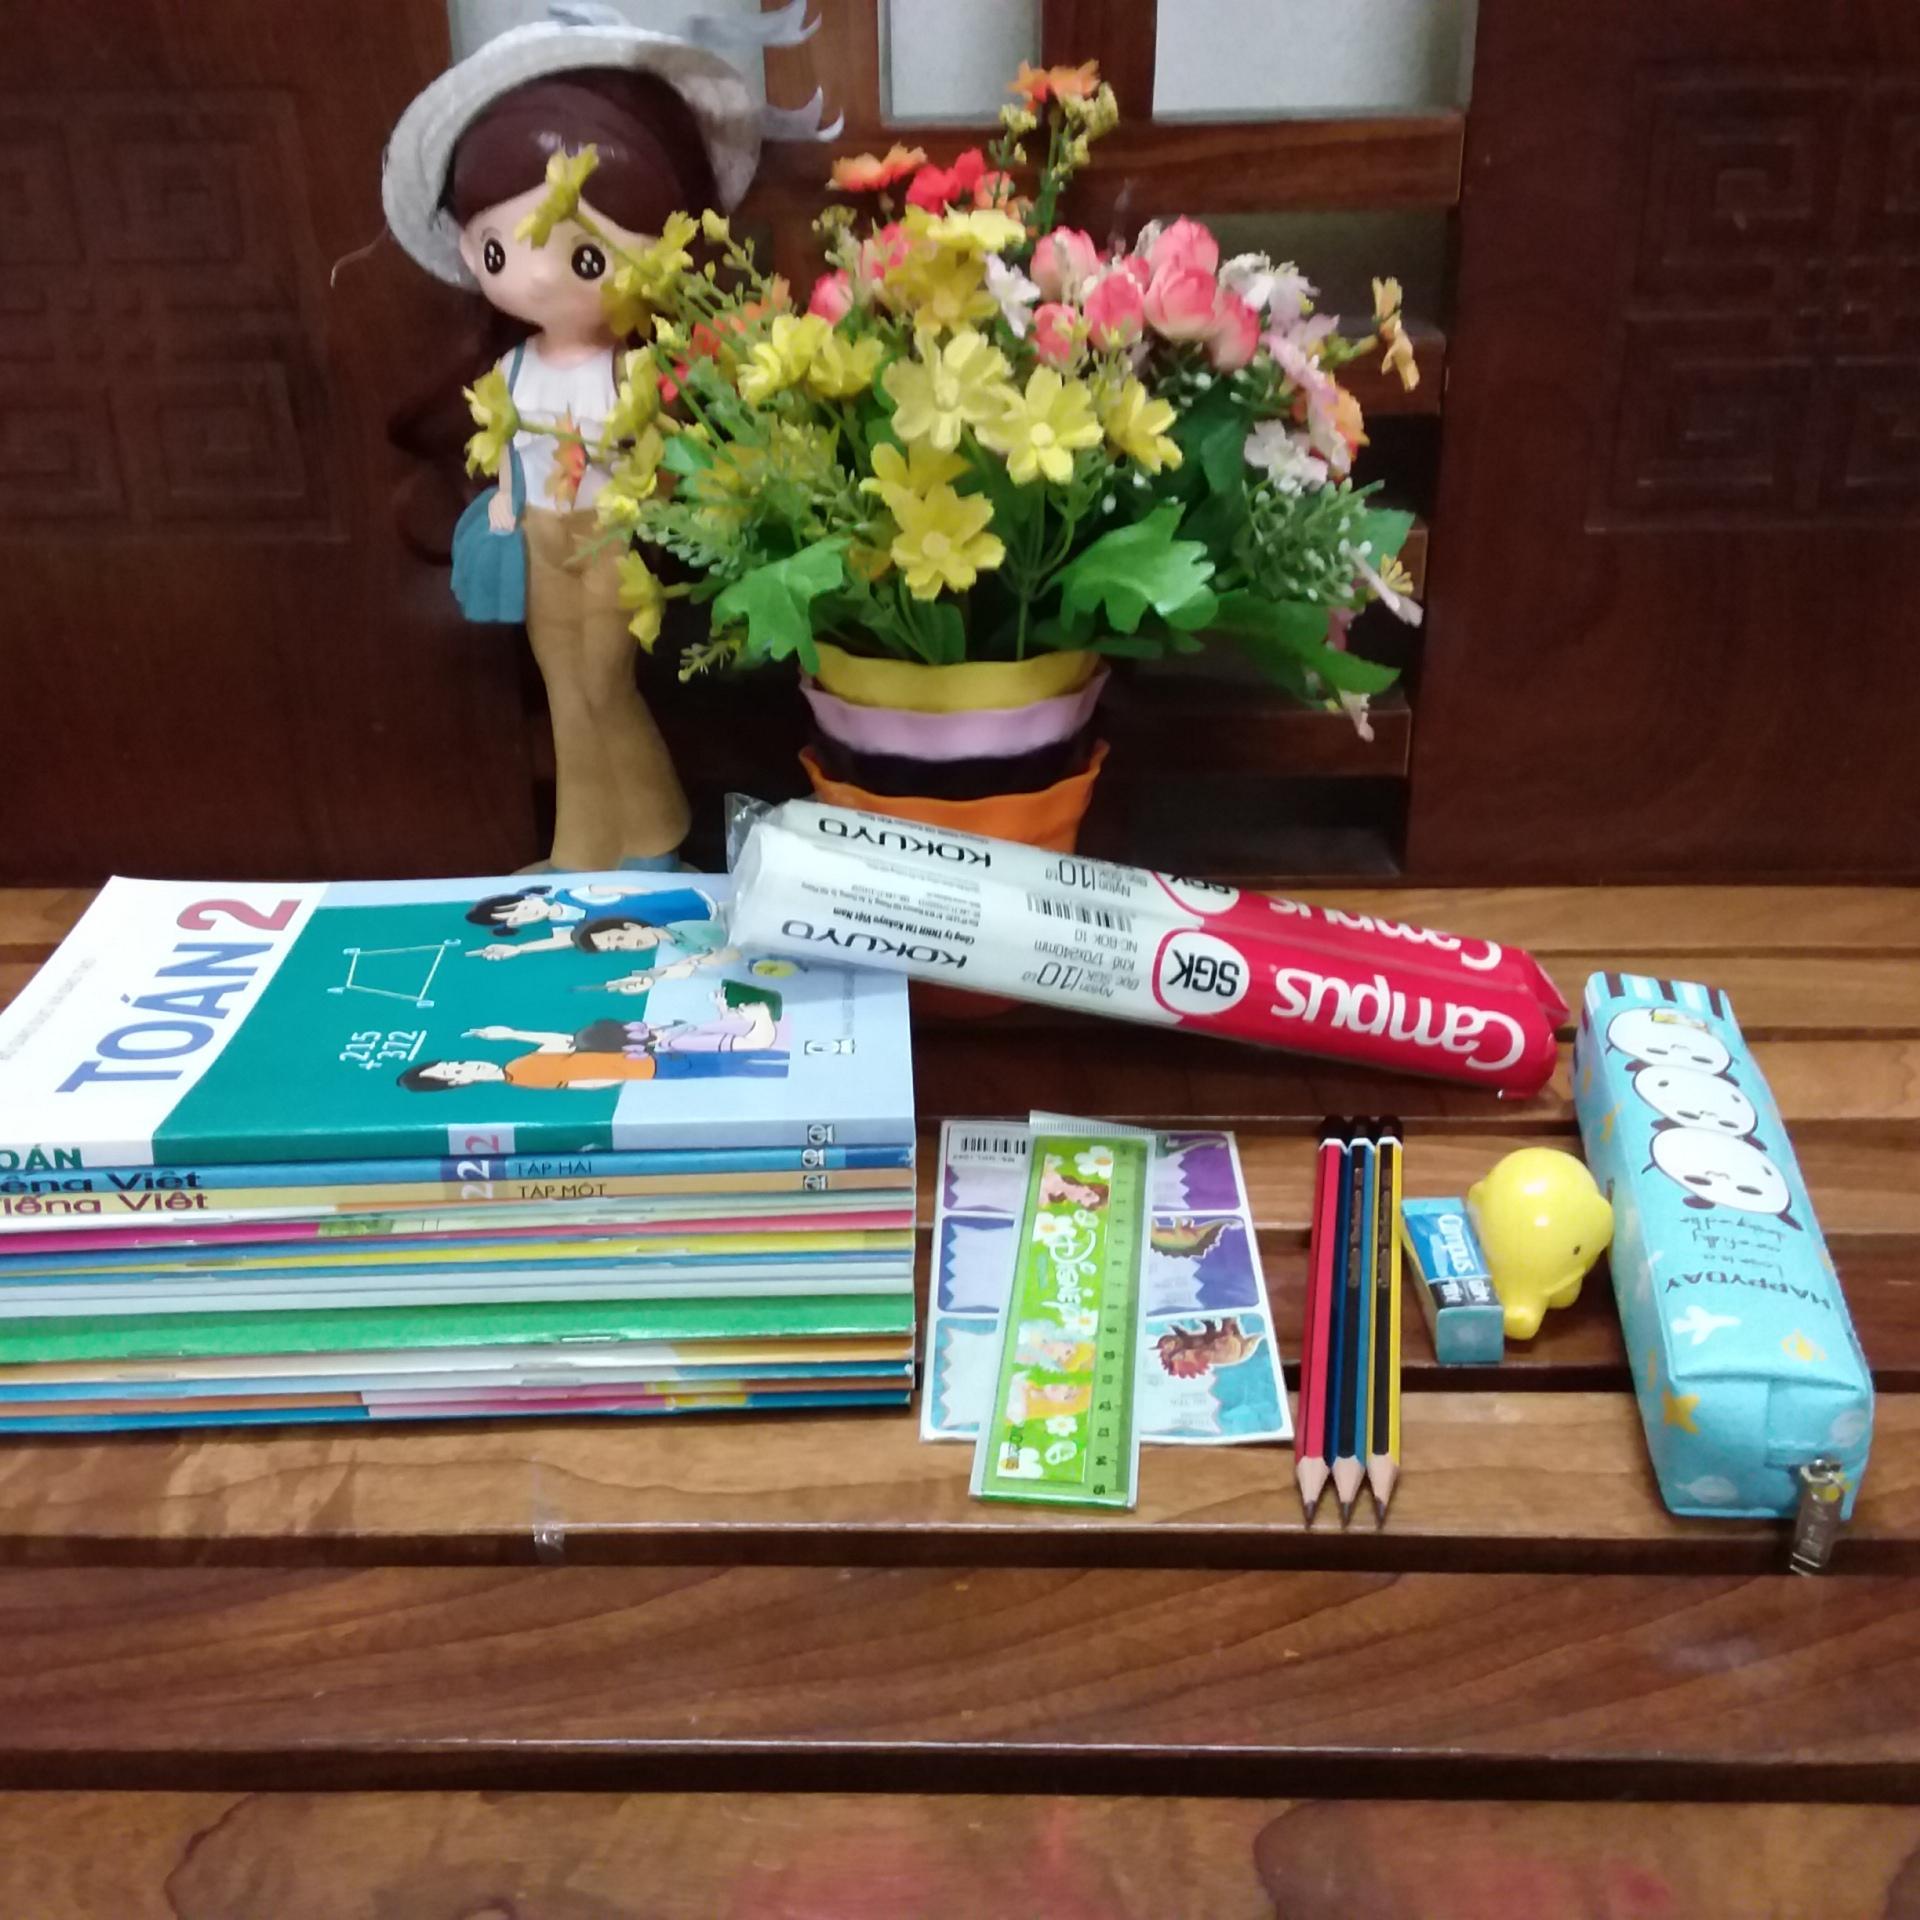 Mua Trọn Bộ Sách giáo khoa lớp 2 ( gồm 18 cuốn sách + kèm đồ dùng học tập)